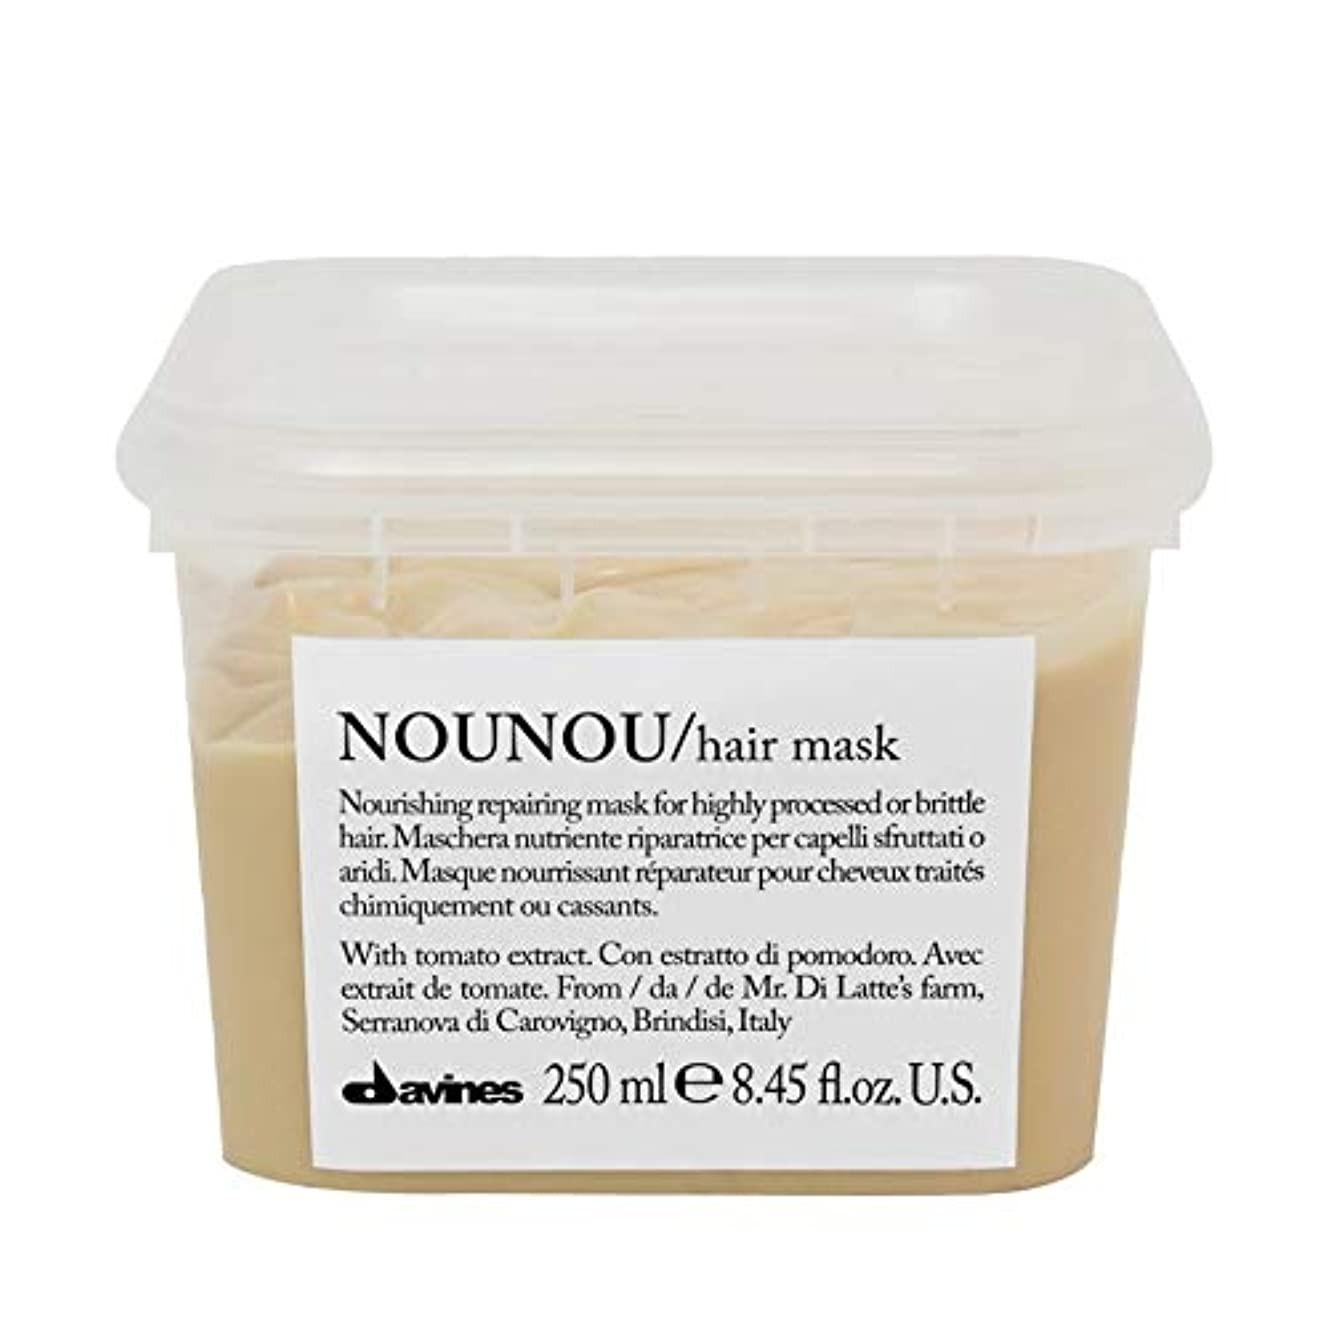 飢え月曜日特徴づける[Davines ] ヘアマスク250ミリリットルノウノウダヴィネス - Davines Nounou Hair Mask 250ml [並行輸入品]